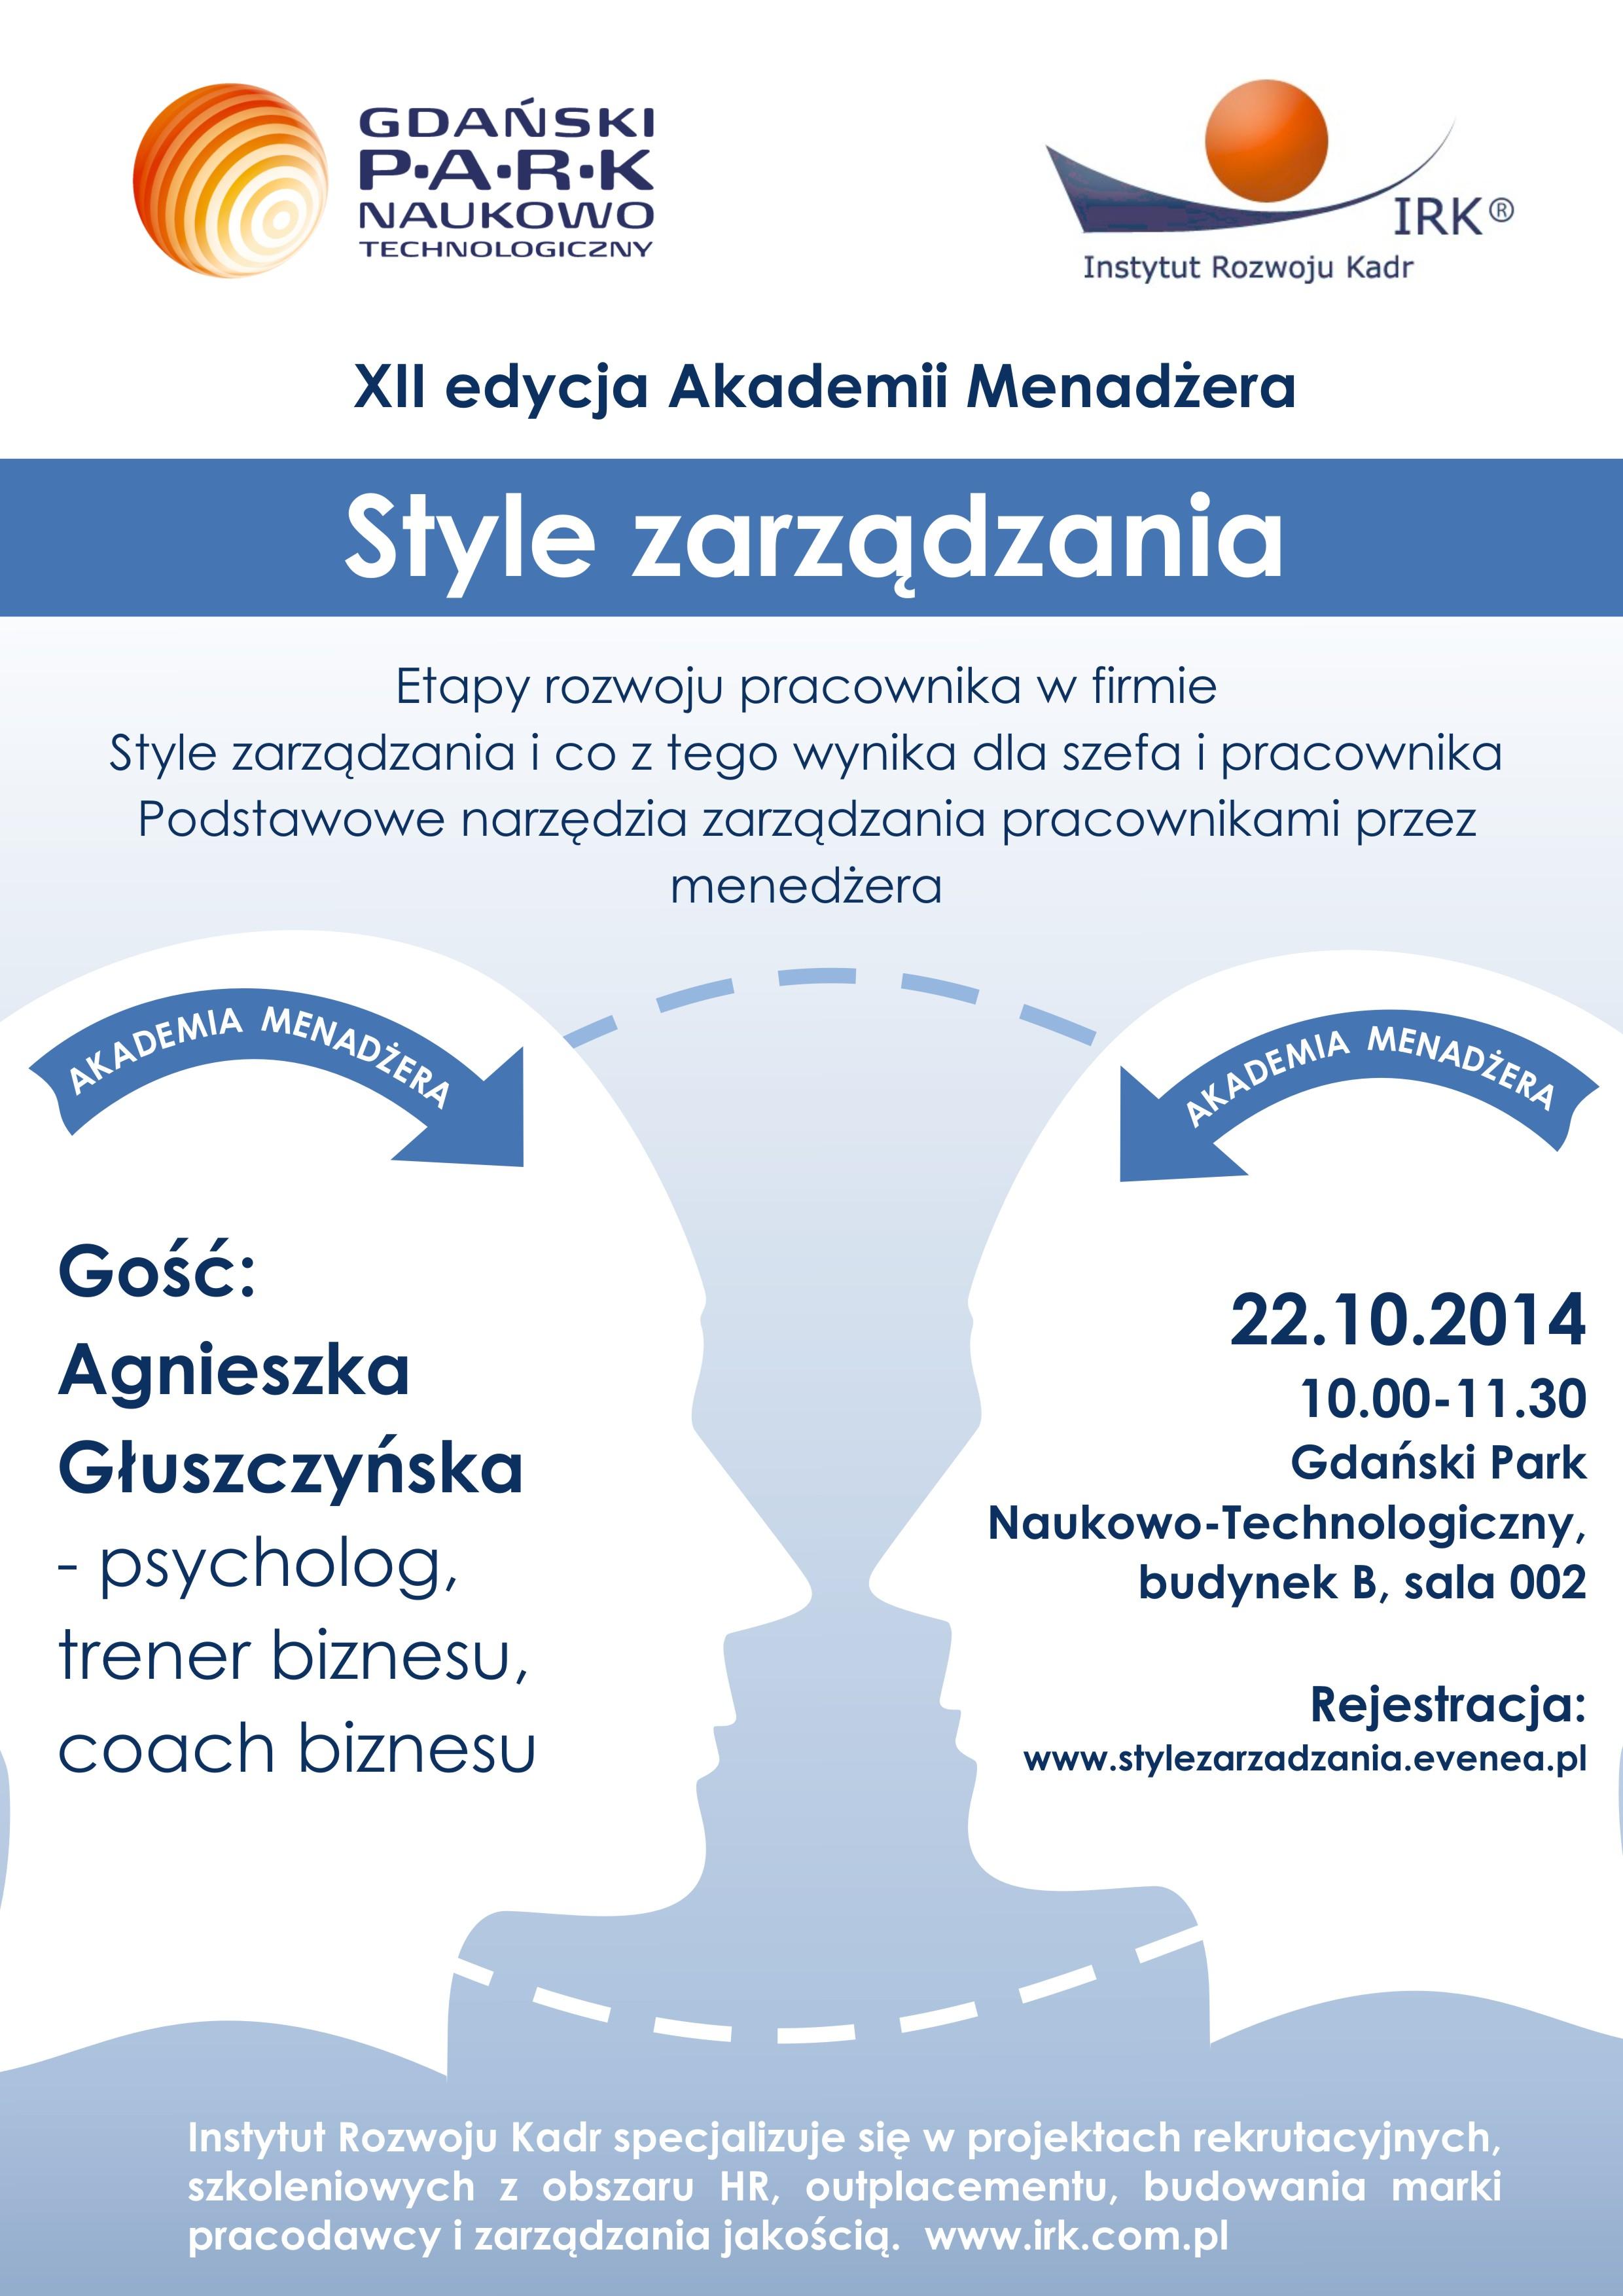 Style_zarządzania_Evenea_22.10.2014.jpg